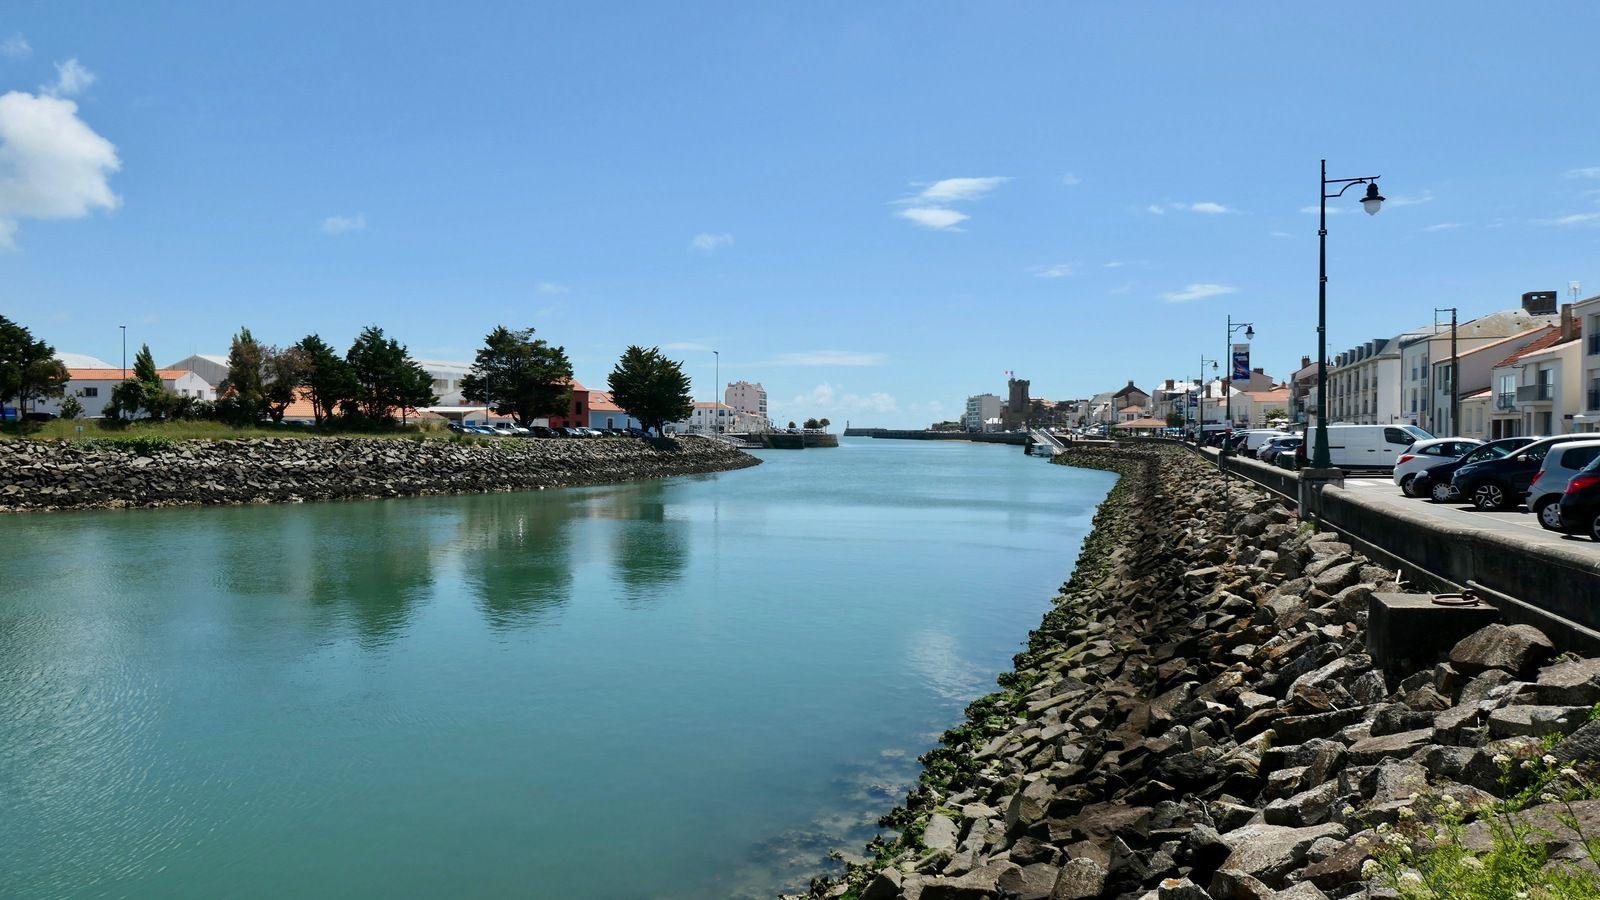 Le quartier de La Chaume, pour y aller on prendre une navette maritime. Tour Arundel, Prieuré St Nicolas, le phare de l'Armandèchele chenal,